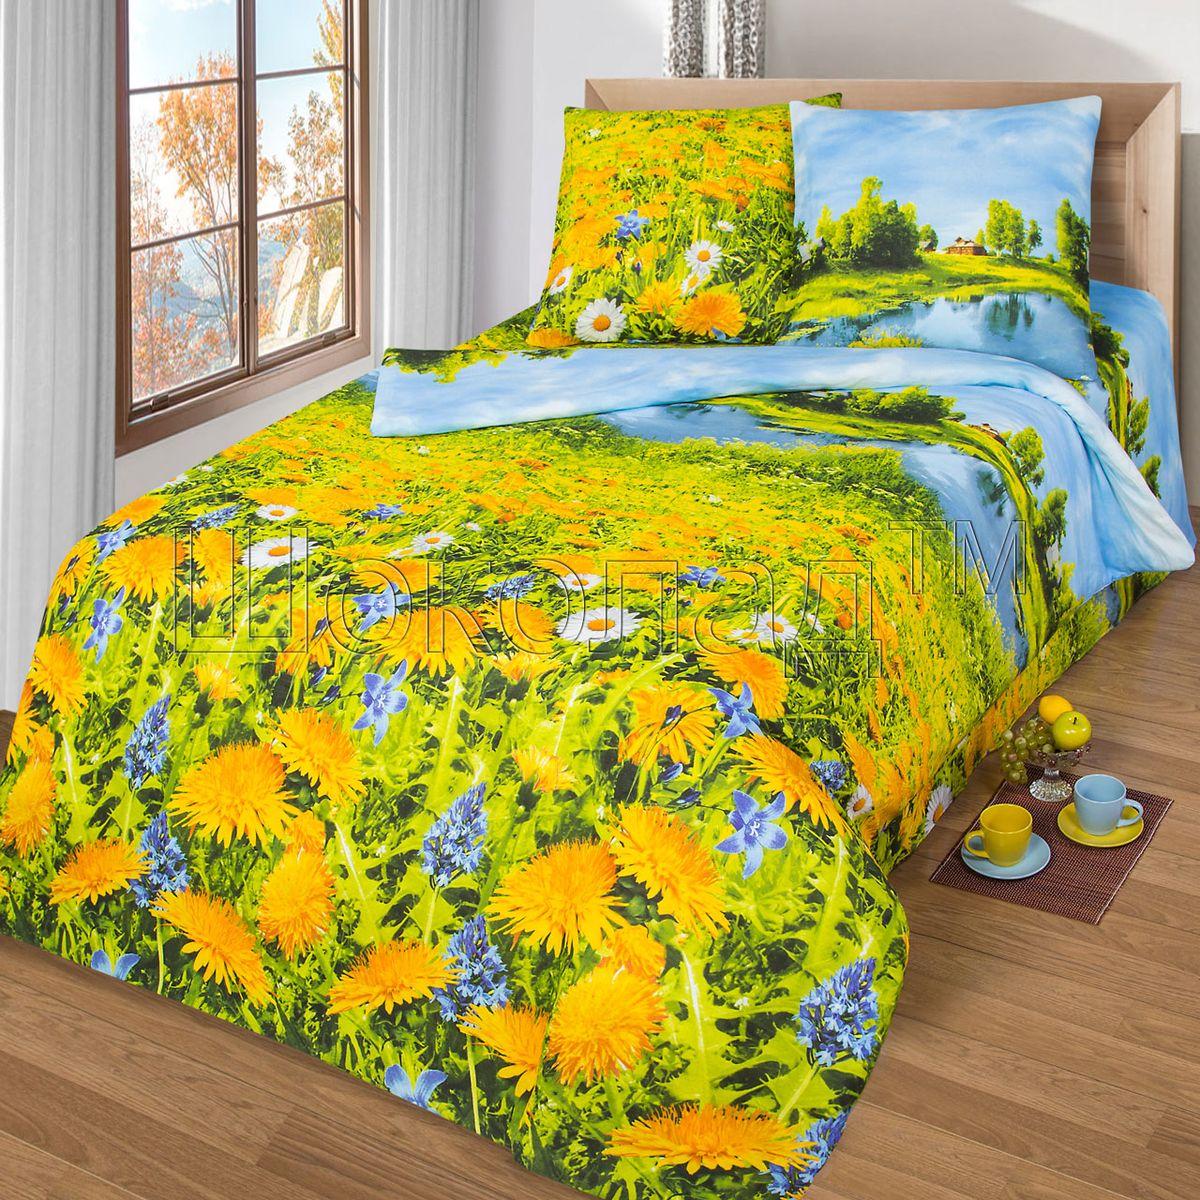 Комплект белья Шоколад Душистый луг, 2-спальный, наволочки 70x70. Б104Б104Комплект постельного белья Шоколад Душистый луг является экологически безопасным для всей семьи, так как выполнен из натурального хлопка. Комплект состоит из пододеяльника, простыни и двух наволочек. Постельное белье оформлено оригинальным рисунком и имеет изысканный внешний вид.Бязь - это ткань полотняного переплетения, изготовленная из экологически чистого и натурального 100% хлопка. Она прочная, мягкая, обладает низкой сминаемостью, легко стирается и хорошо гладится. Бязь прекрасно пропускает воздух и за ней легко ухаживать. При соблюдении рекомендуемых условий стирки, сушки и глажения ткань имеет усадку по ГОСТу, сохранятся яркость текстильных рисунков. Приобретая комплект постельного белья Шоколад Душистый луг, вы можете быть уверены в том, что покупка доставит вам и вашим близким удовольствие и подарит максимальный комфорт.